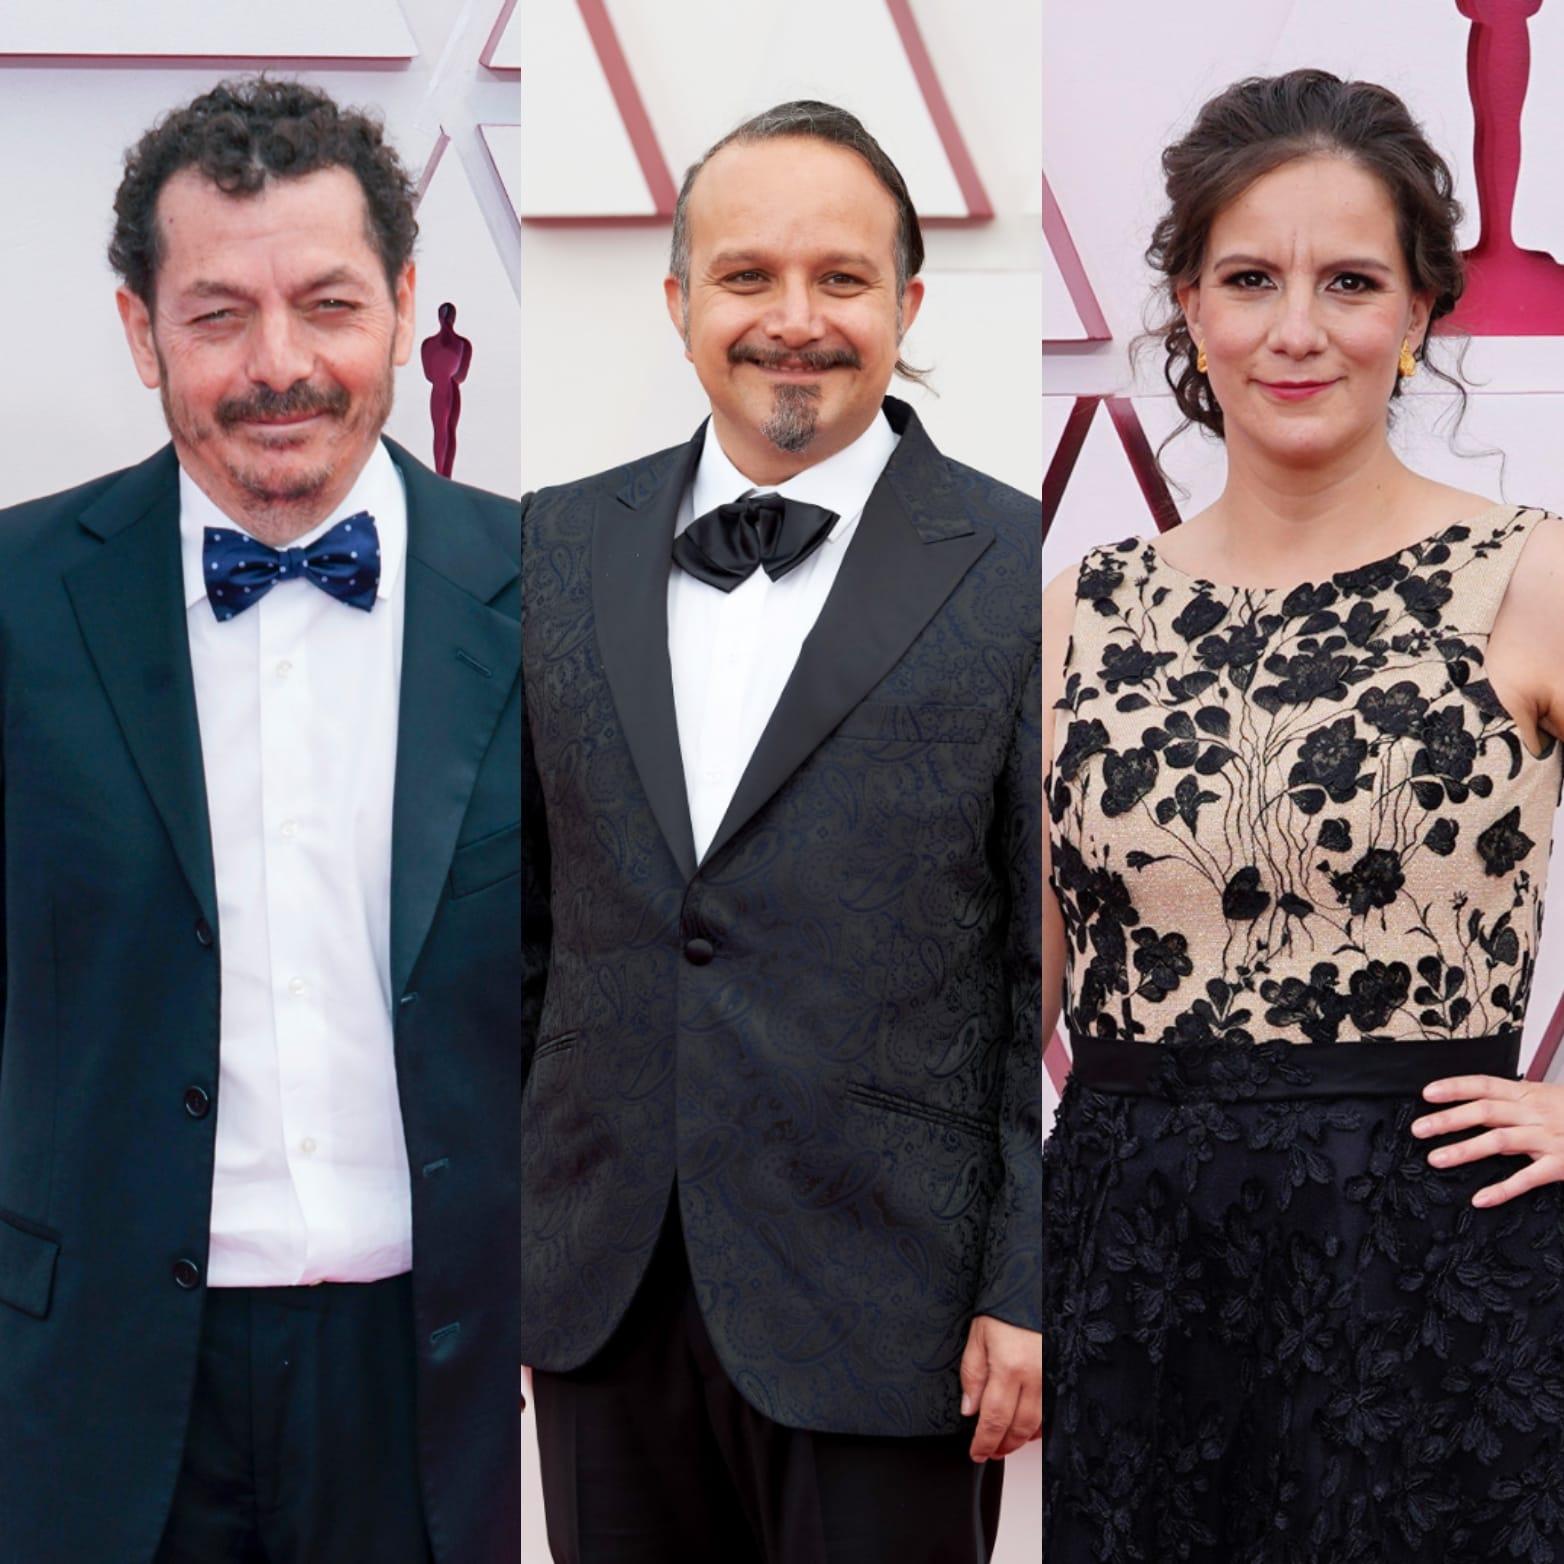 Jaime Baksht, Carlos Cortés y Michelle Couttolenc